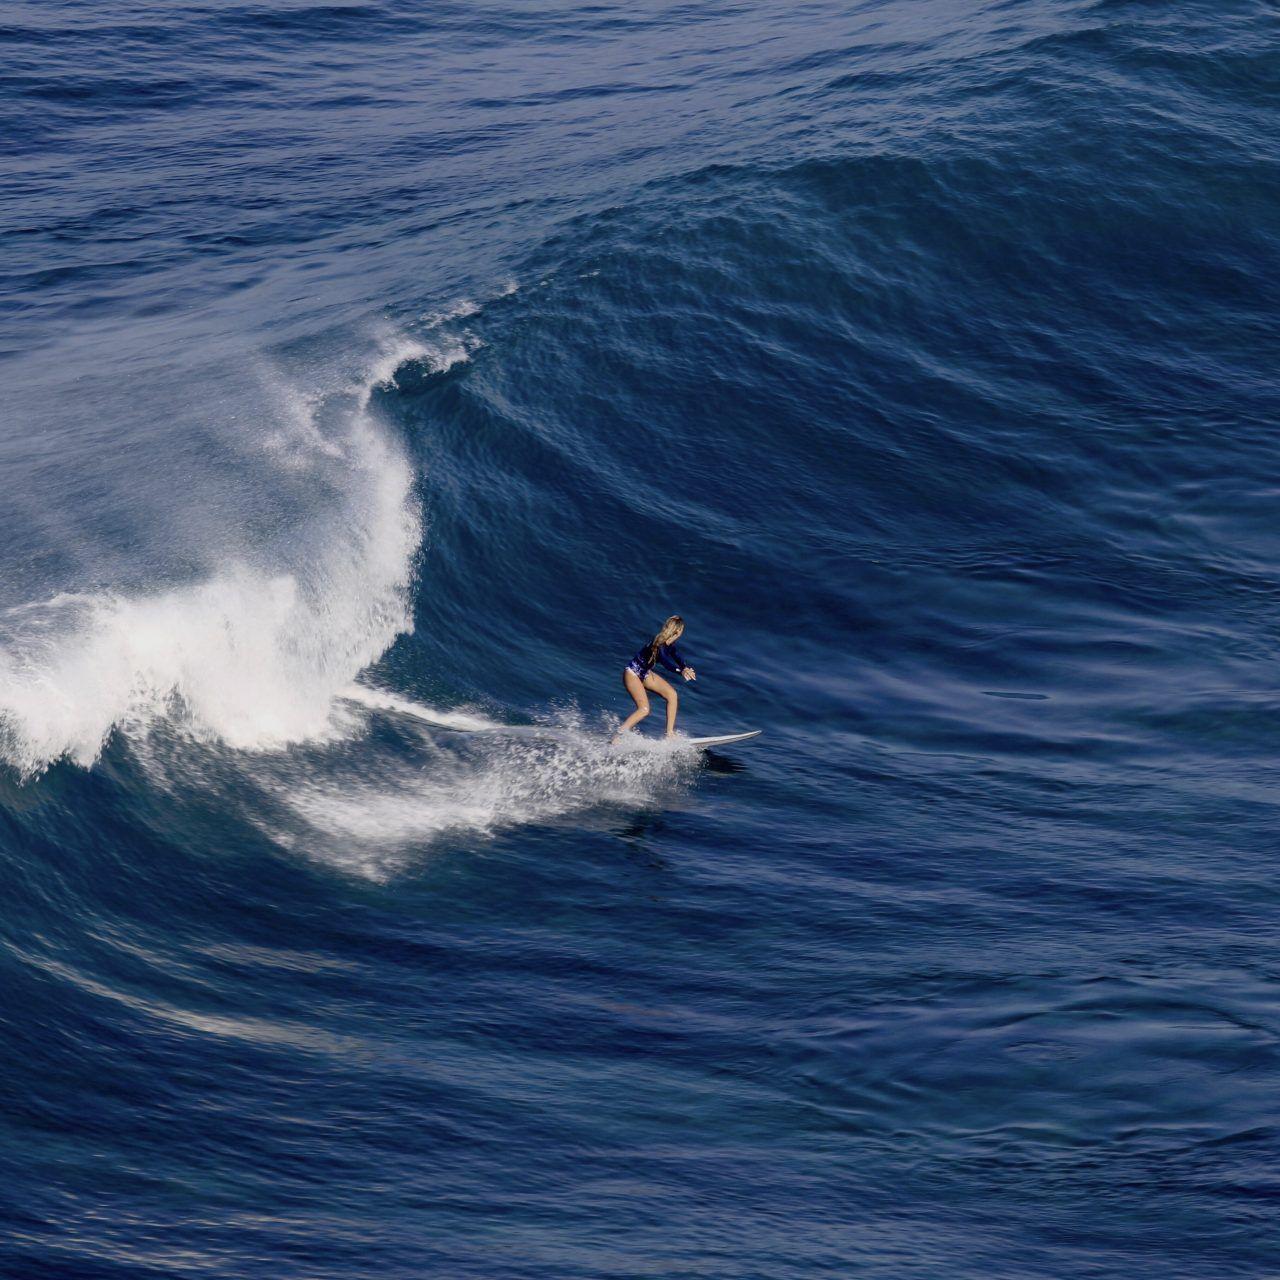 Kanoa Surfboards